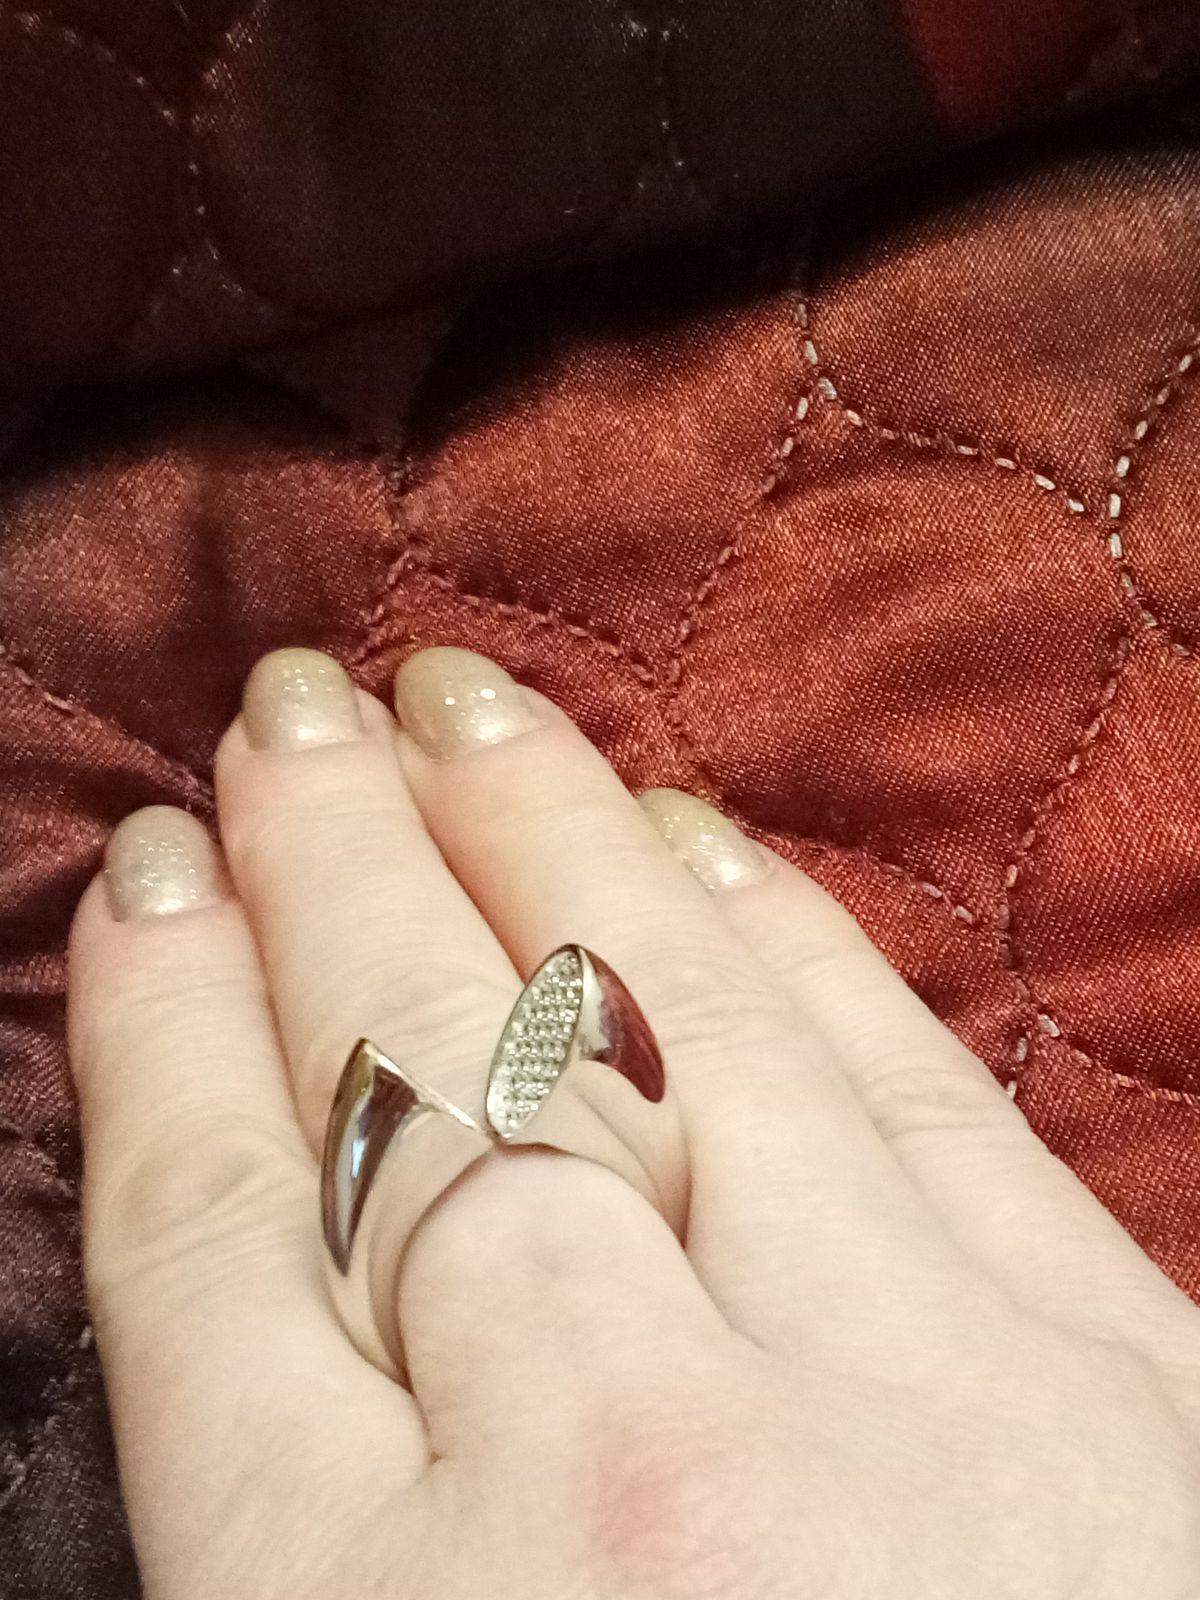 Крупное эффектное кольцо.